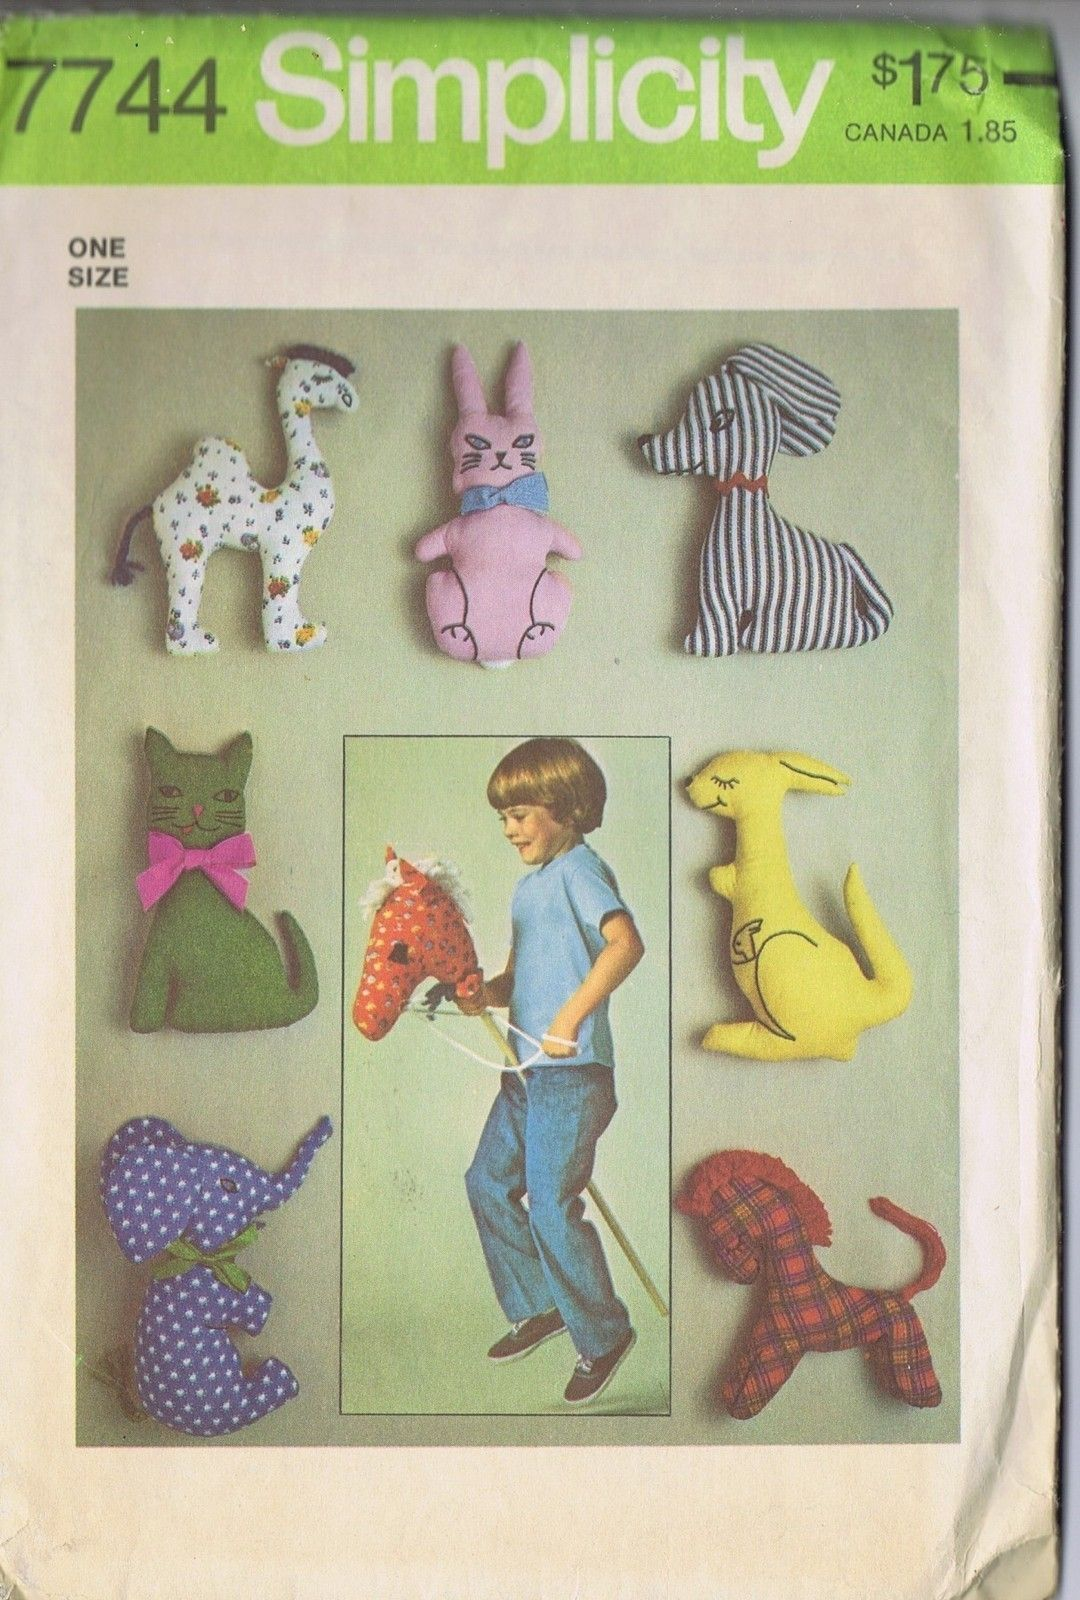 Stuffed toys sewing pattern 7744 simplicity hobby horse rabbit stuffed toys sewing pattern 7744 simplicity hobby horse rabbit elephant kangaroo ebay jeuxipadfo Choice Image